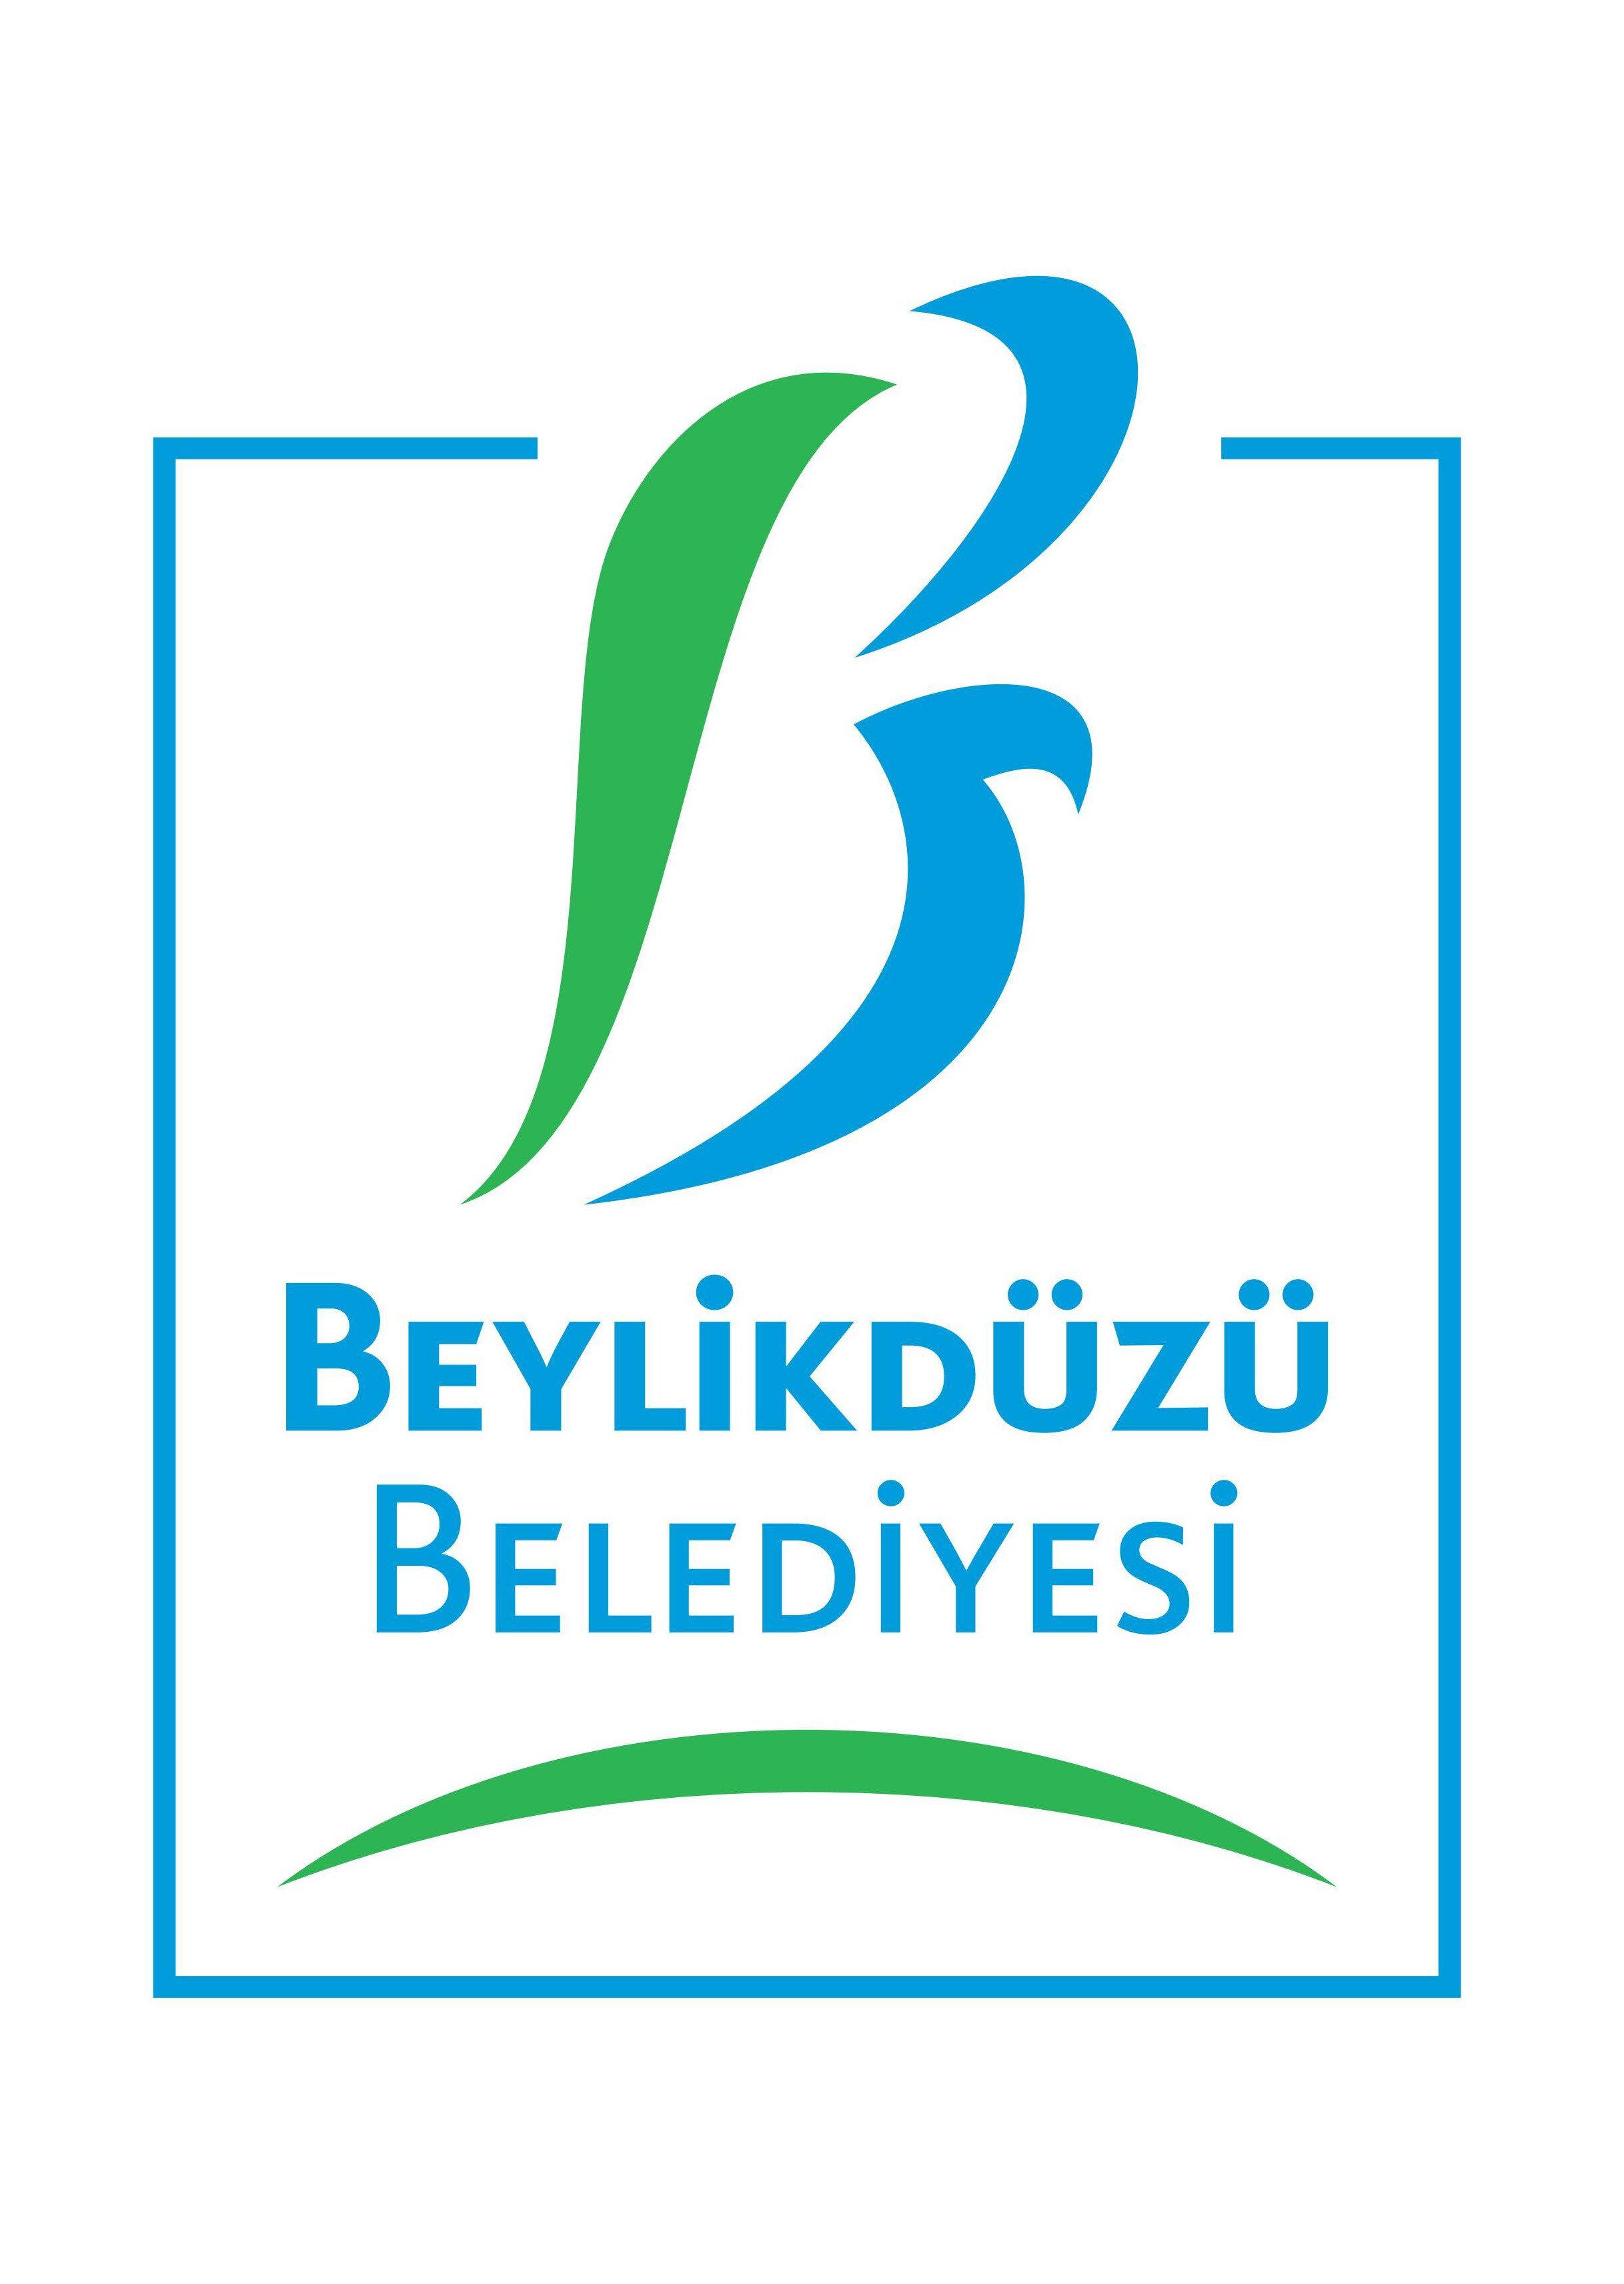 Beylikdüzü Belediyesi'nin logosu